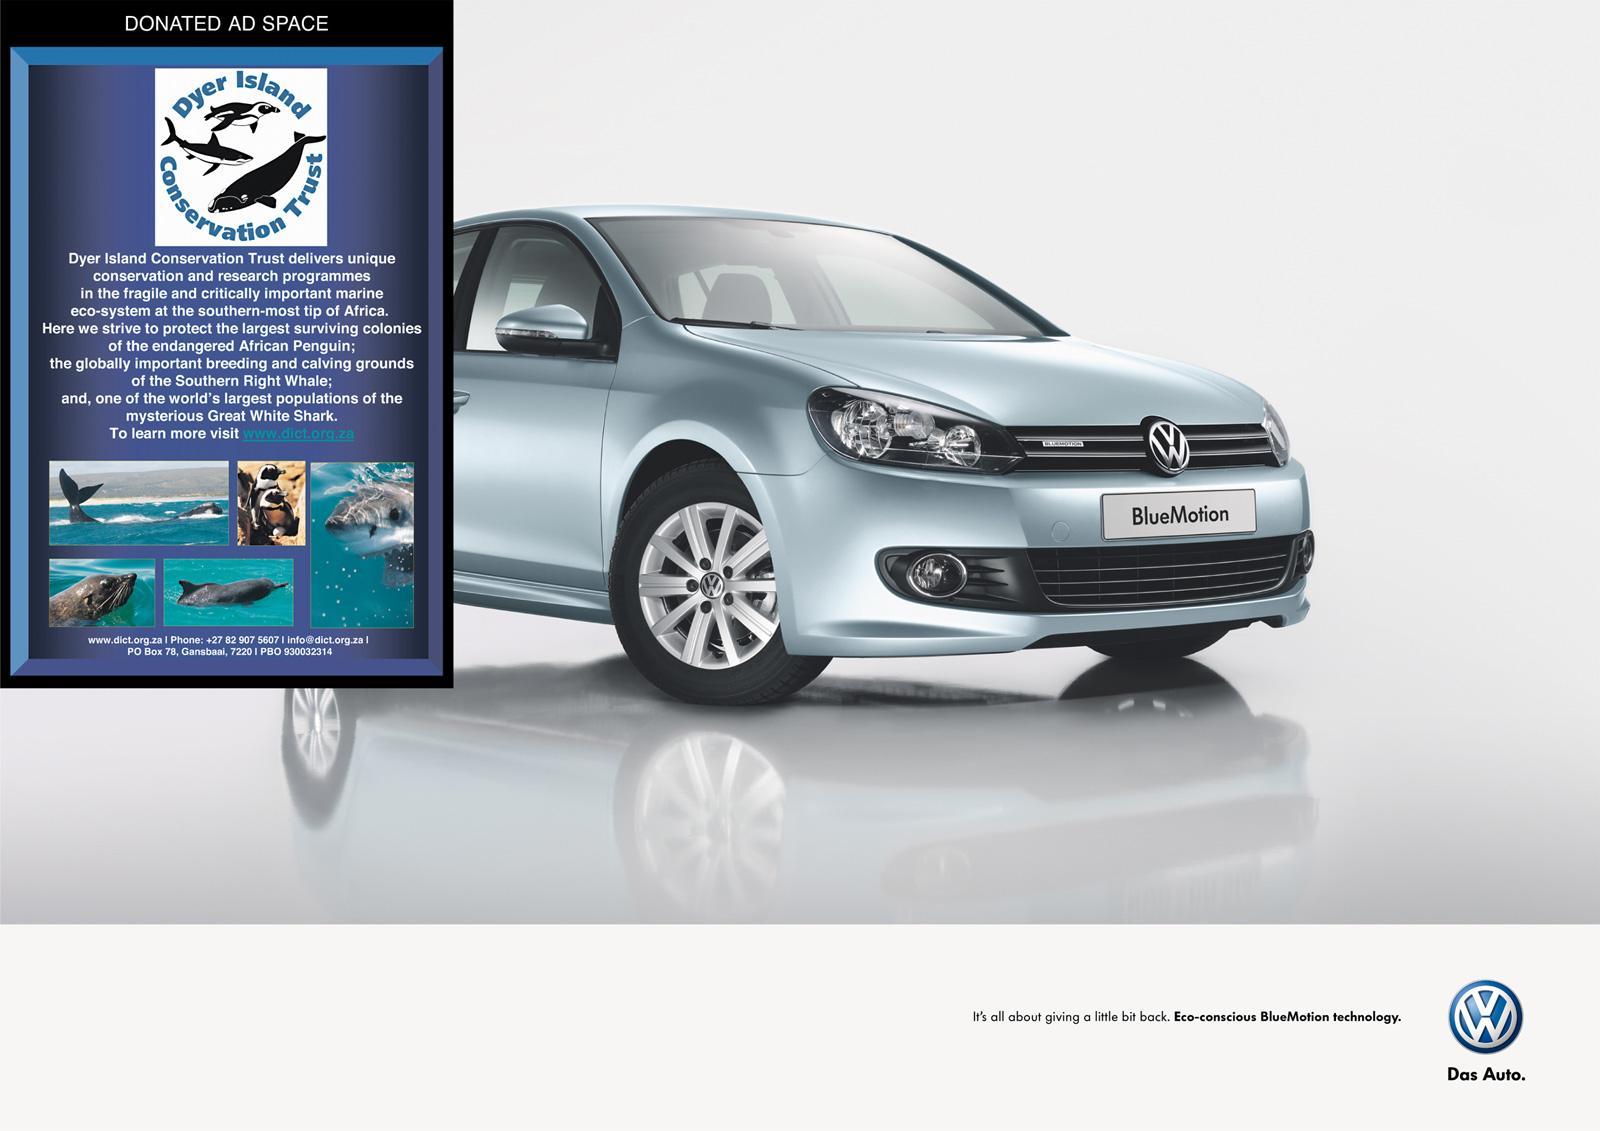 Volkswagen Print Ad -  Dyer Island Conservation Trust